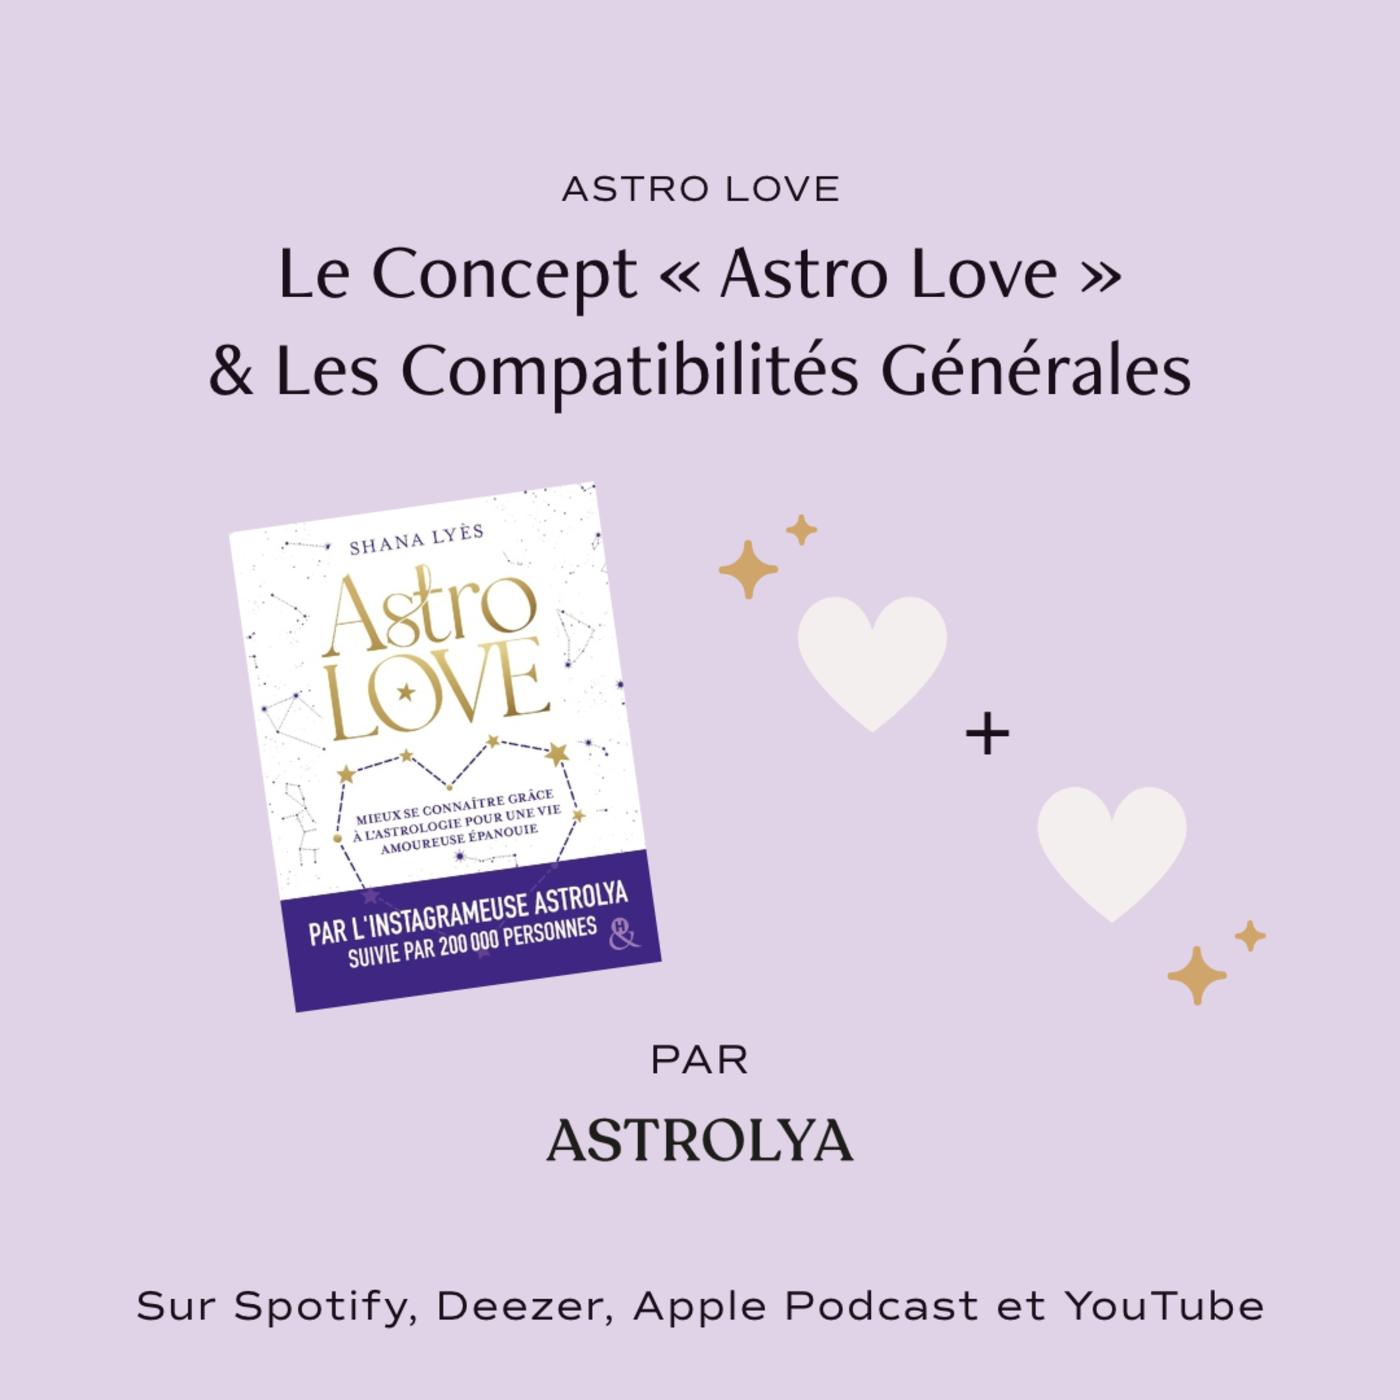 Astro Love & les Compatibilités Générales